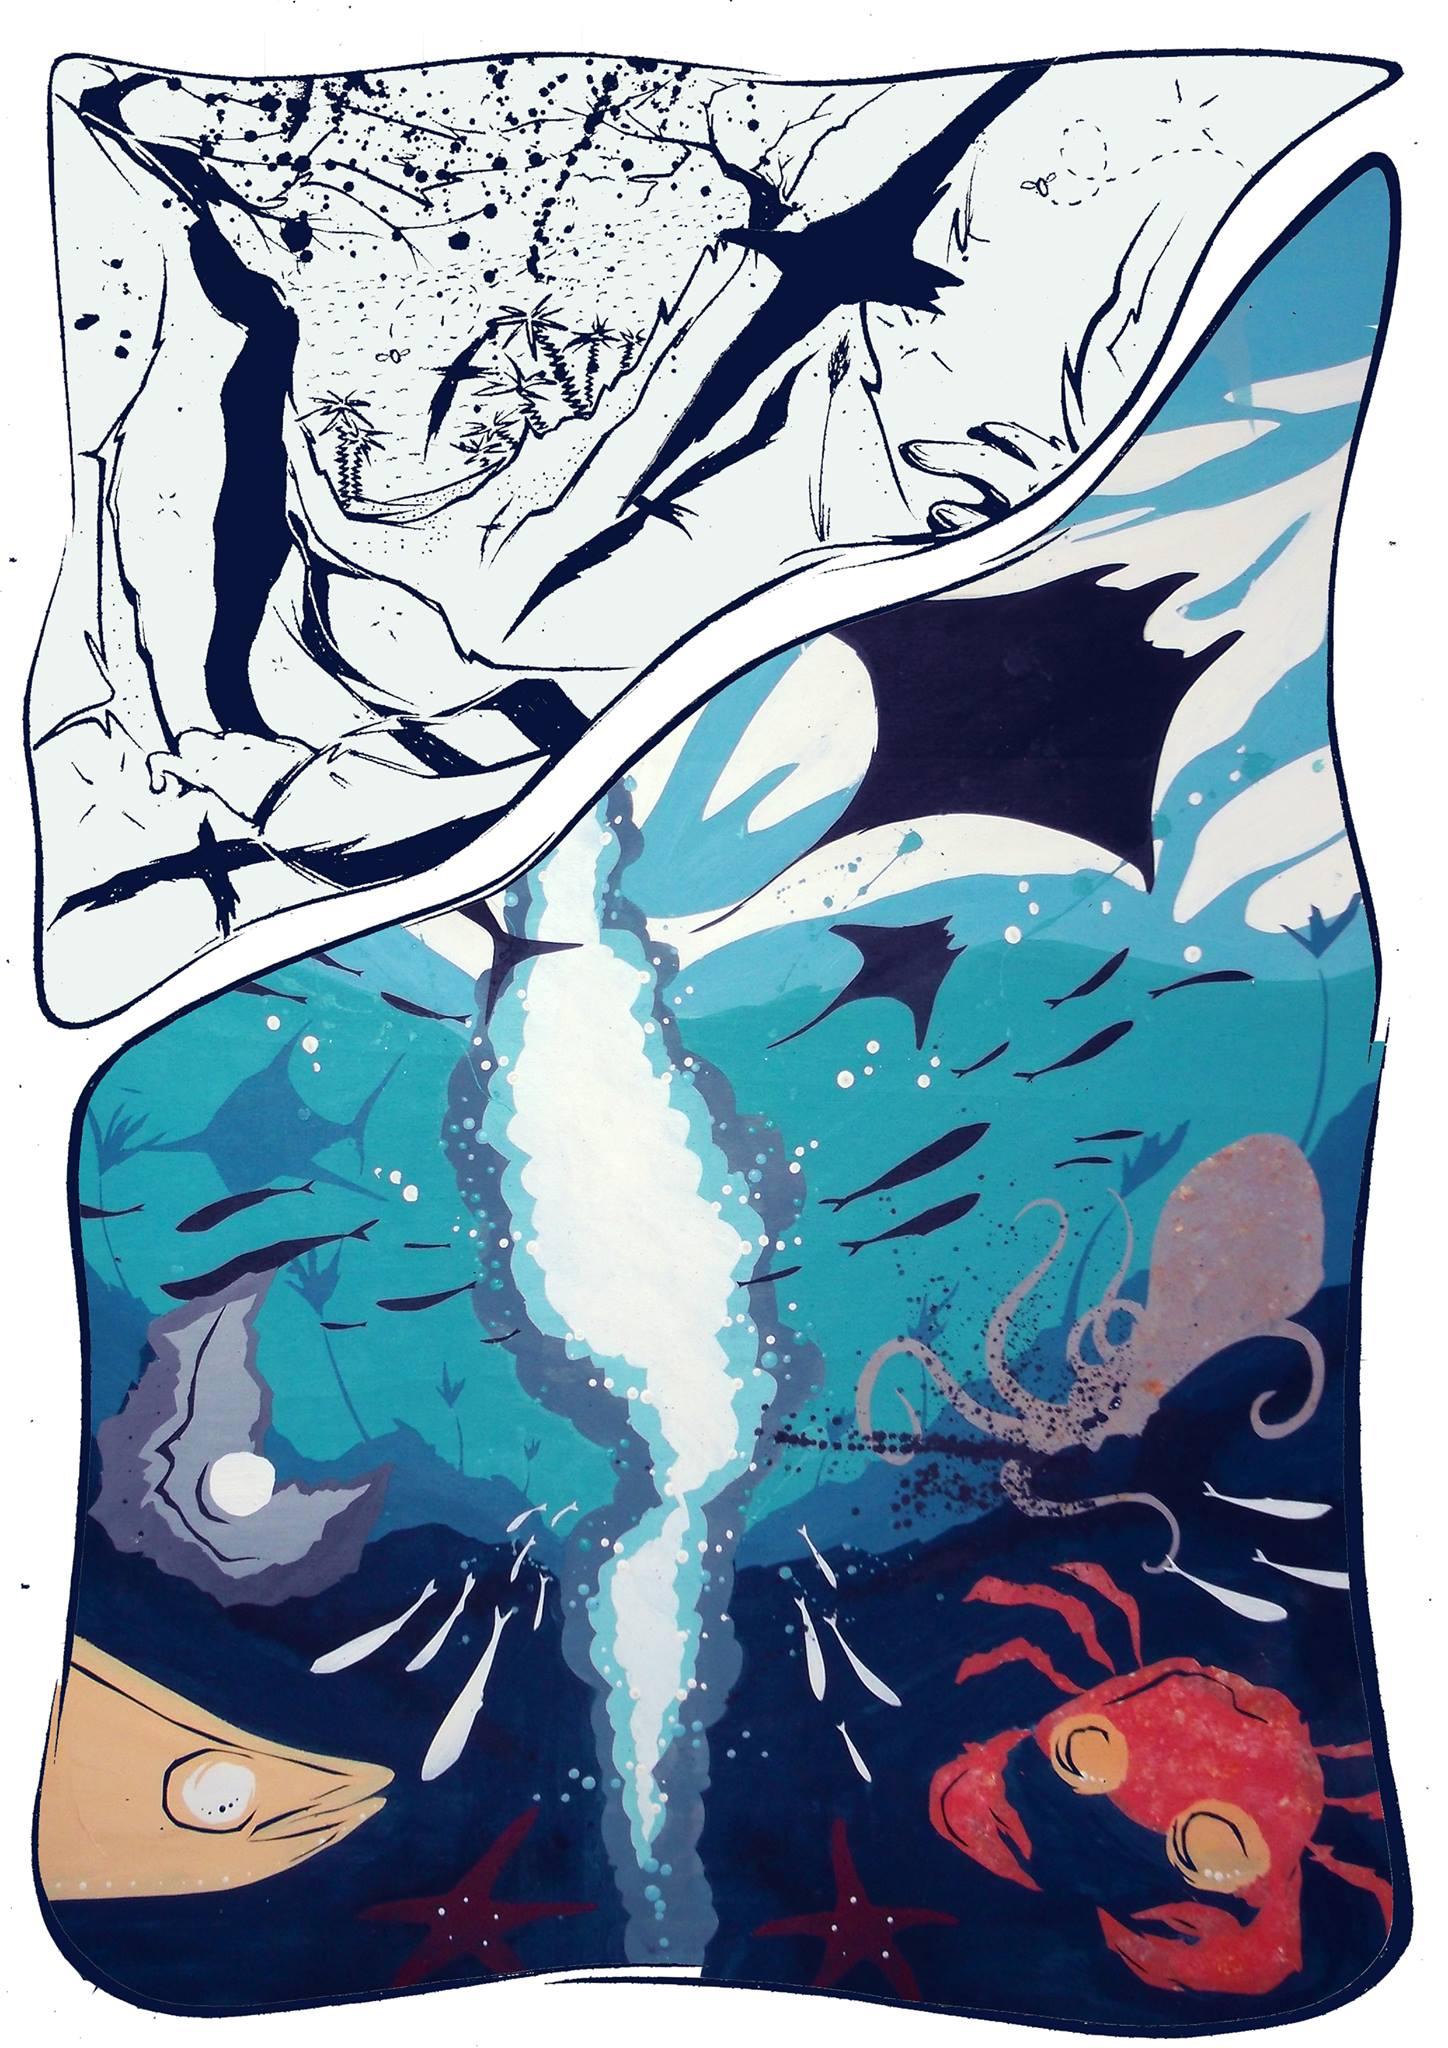 Eraclito un racconto di B.Bendinelli illustrazione Brucio